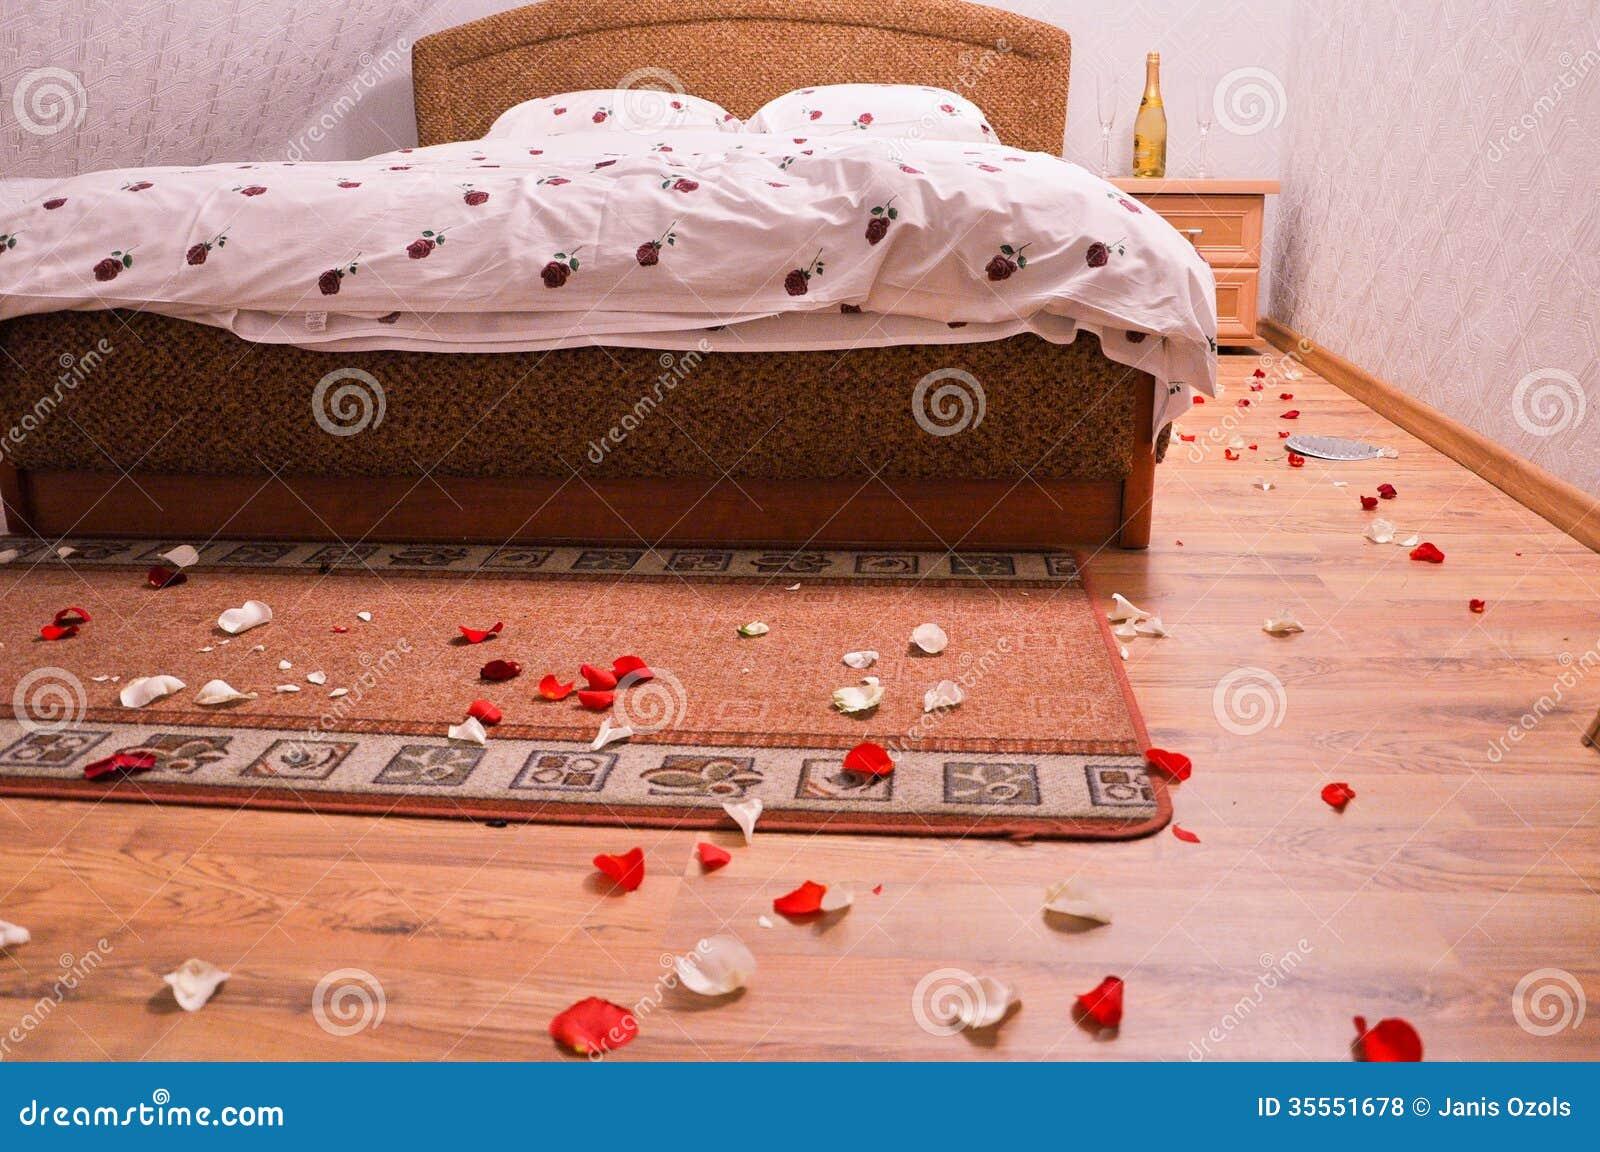 De decoratie van het bed van het huwelijk stock afbeelding ...